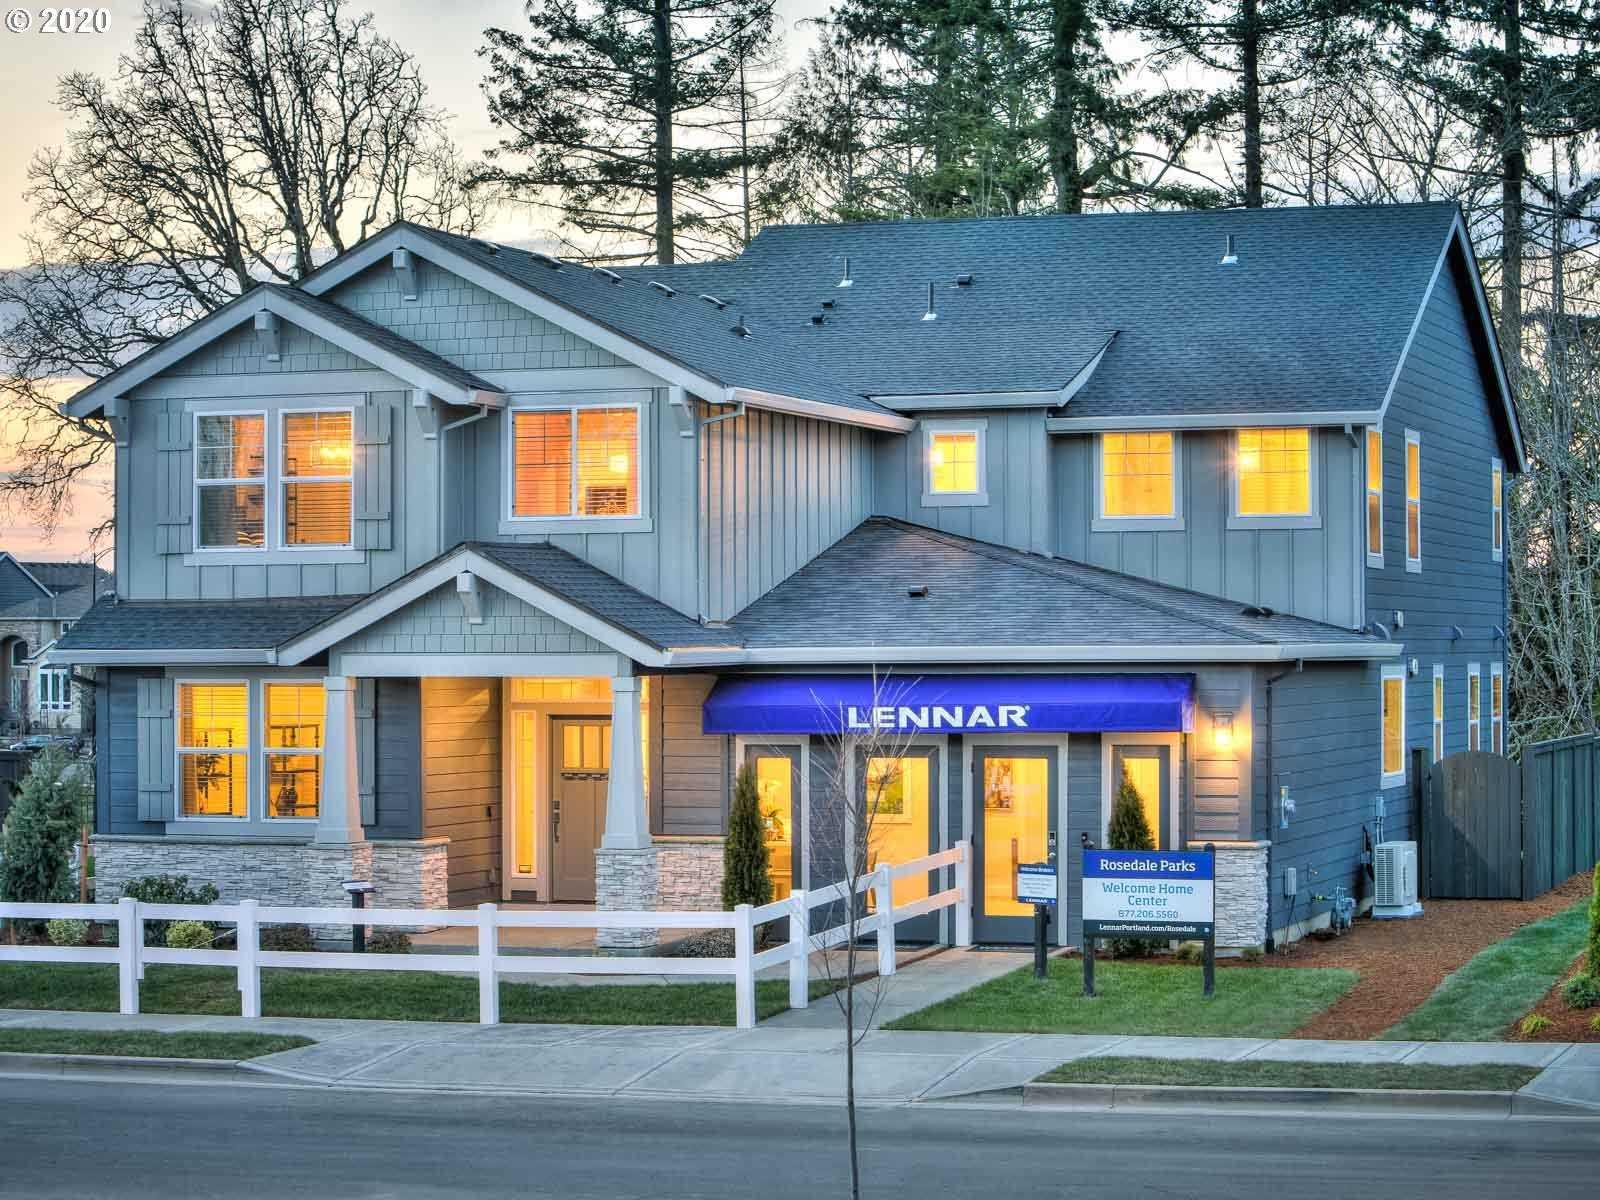 $699,900 - 5Br/3Ba - for Sale in Rosedale Parks, Hillsboro